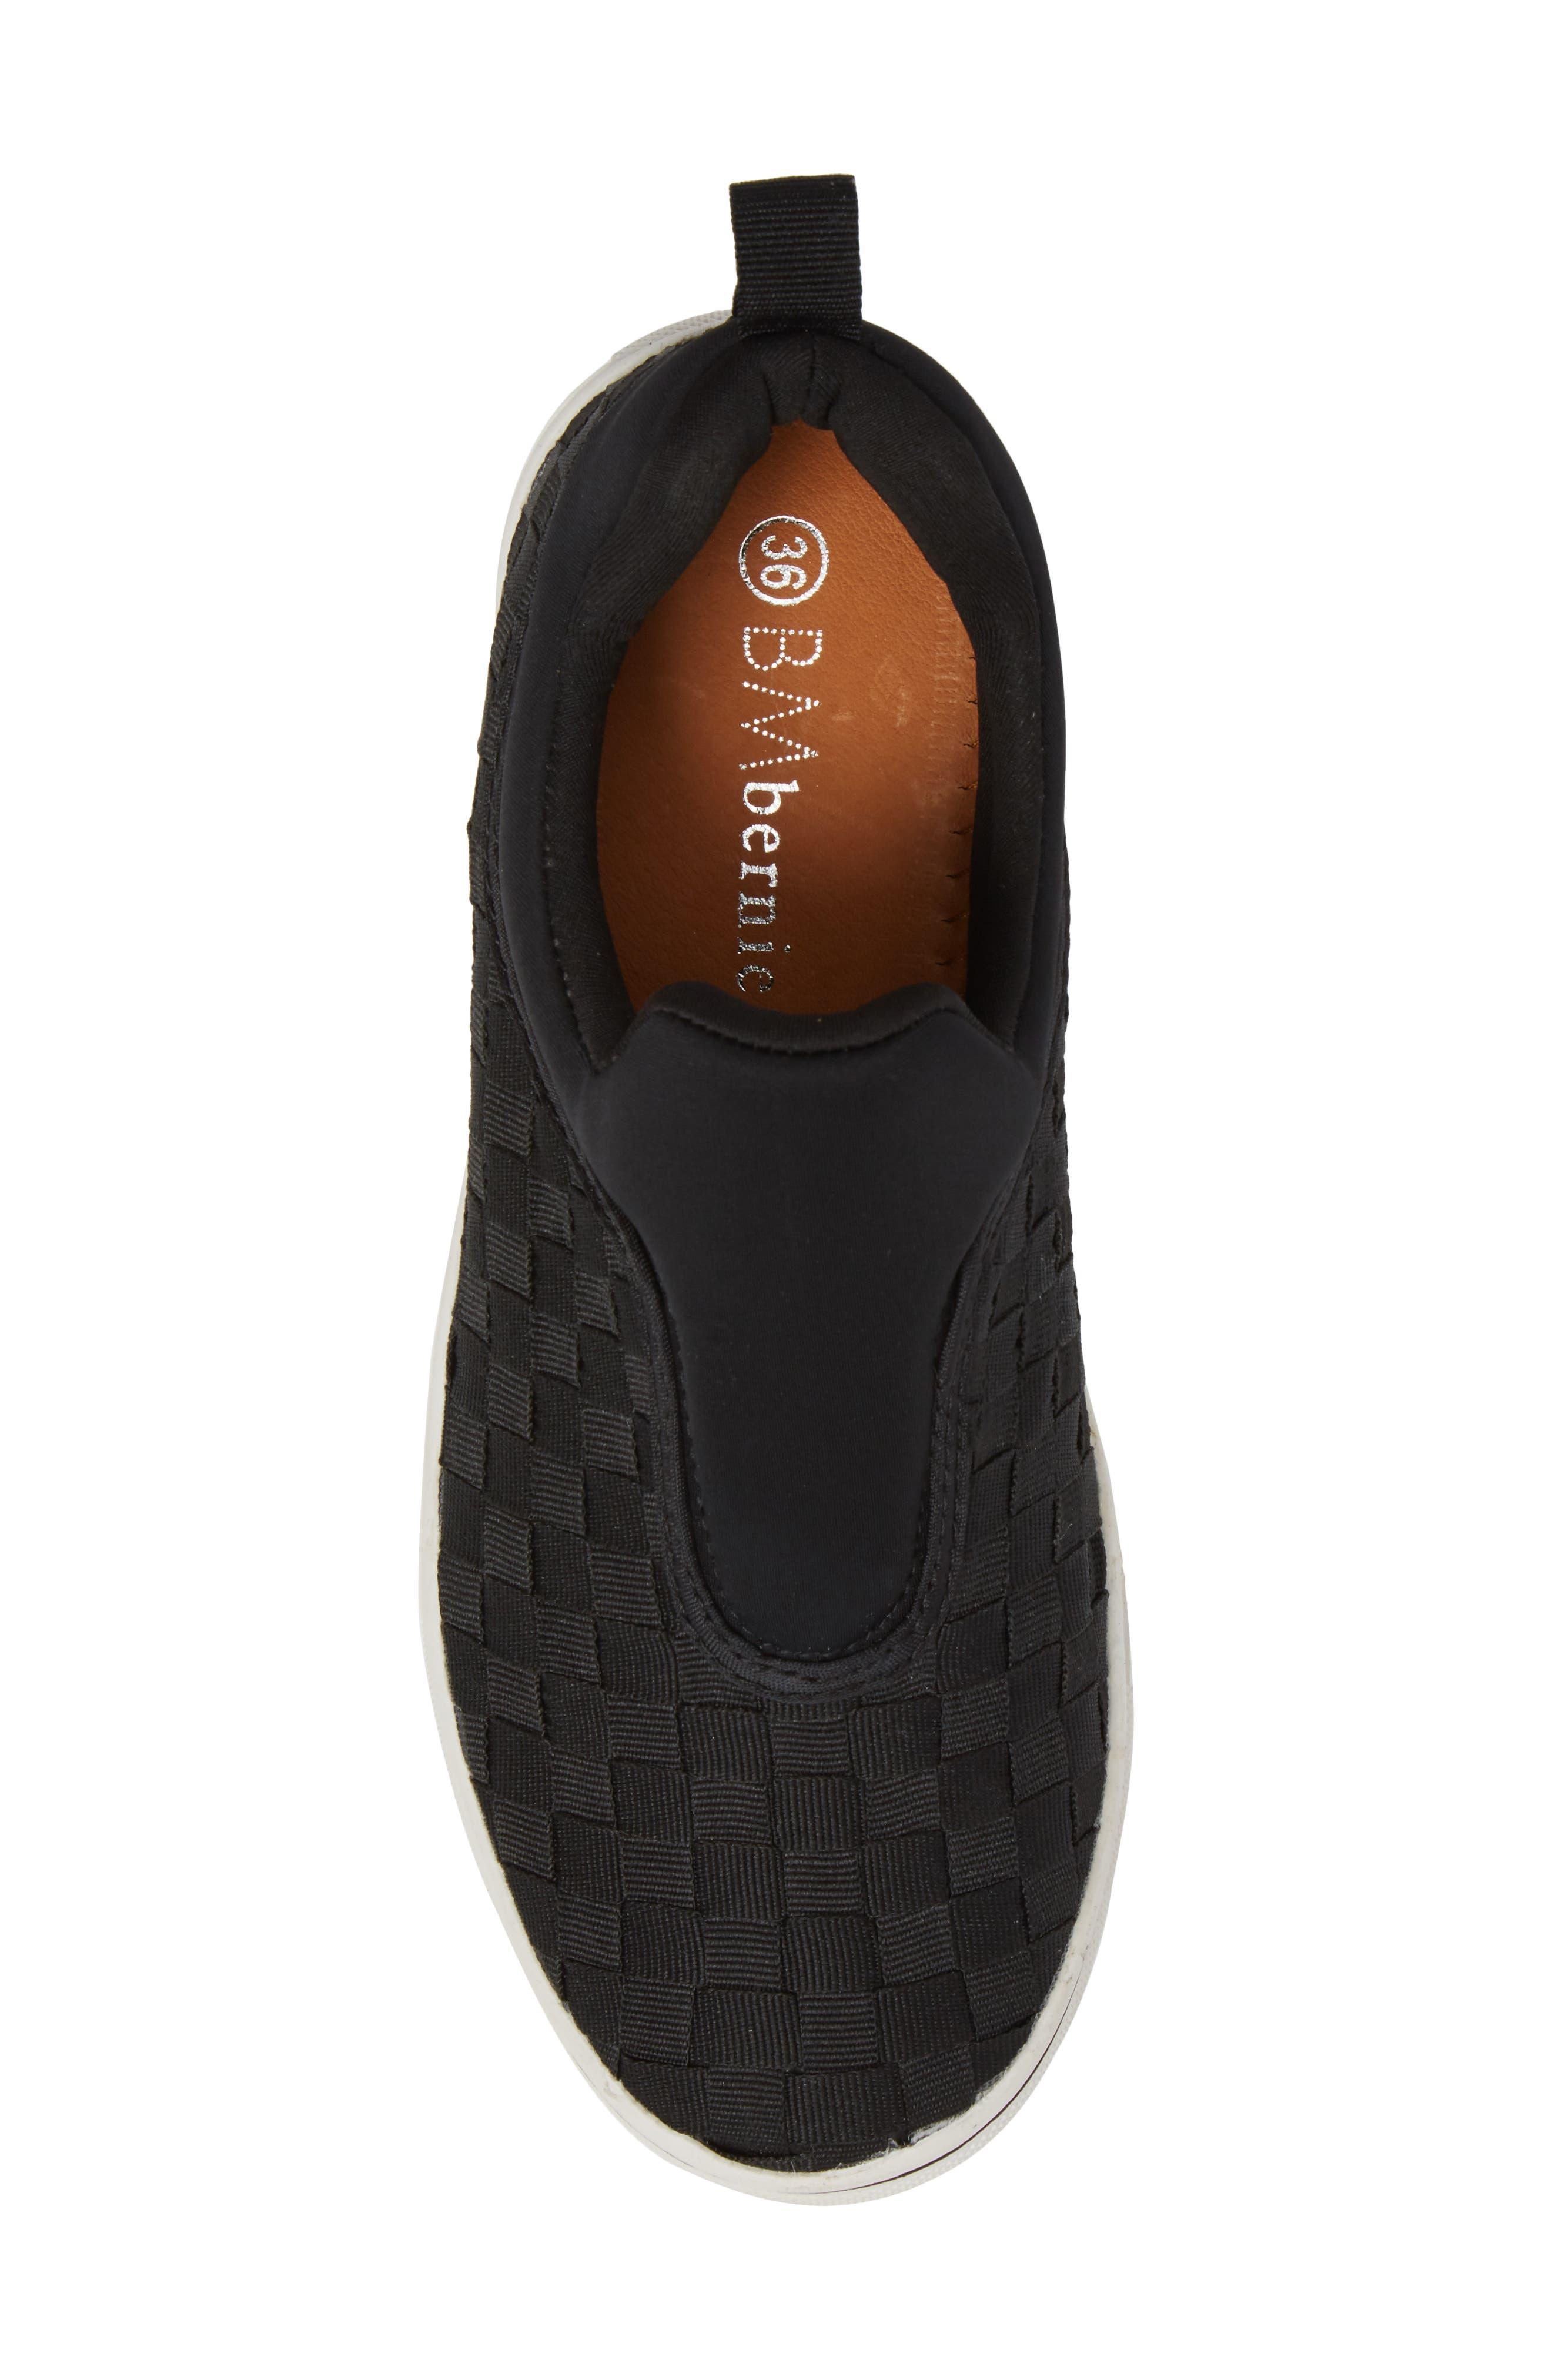 BERNIE MEV., Bernie Mev Joan Slip-On Sneaker, Alternate thumbnail 5, color, BLACK/ BLACK FABRIC